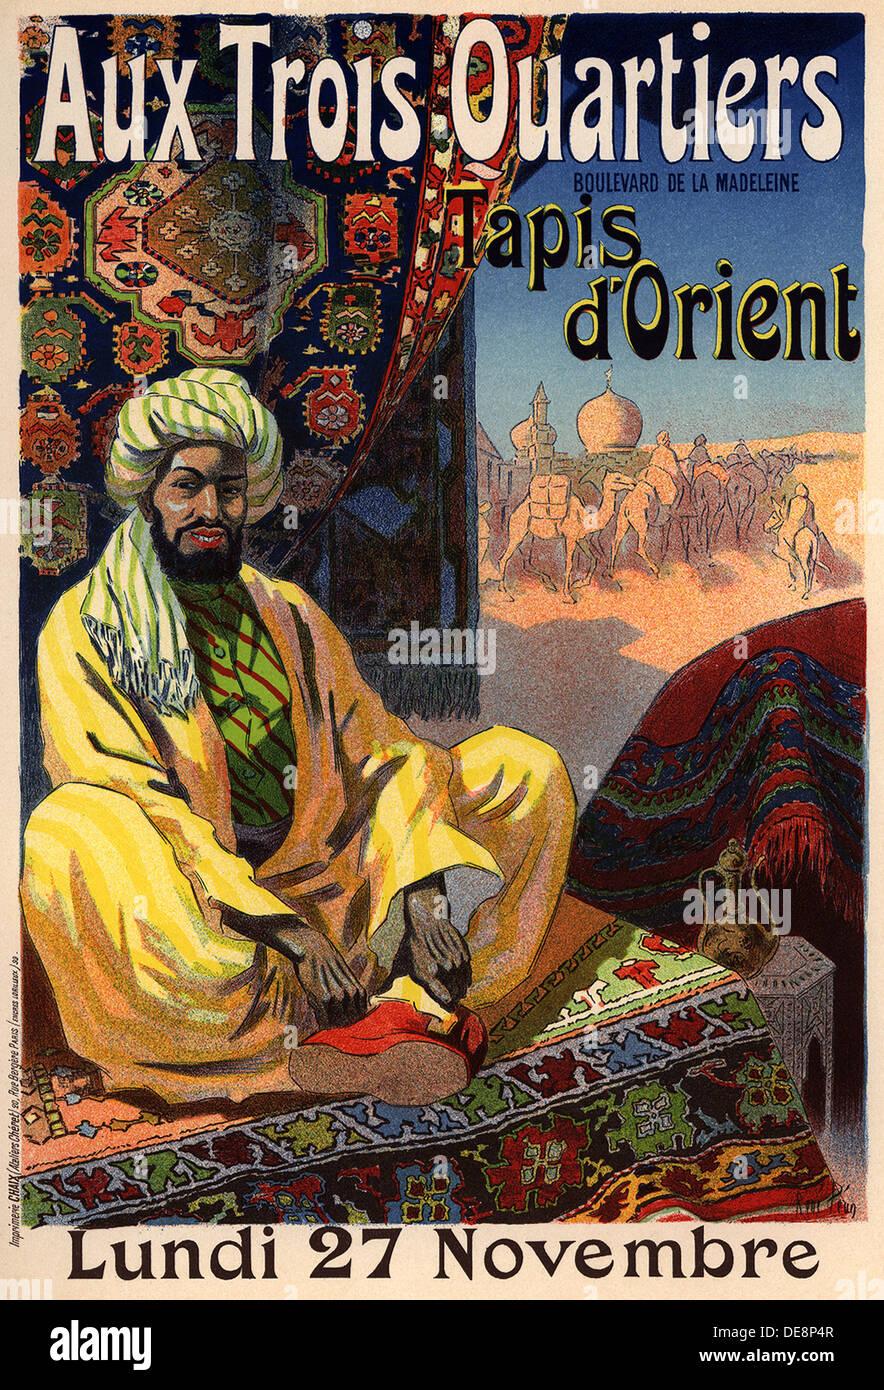 Trois Quartiers - Tapis d'Orient (Poster), 1890. Artist: Péan, René Louis (1875-1945) Stockfoto